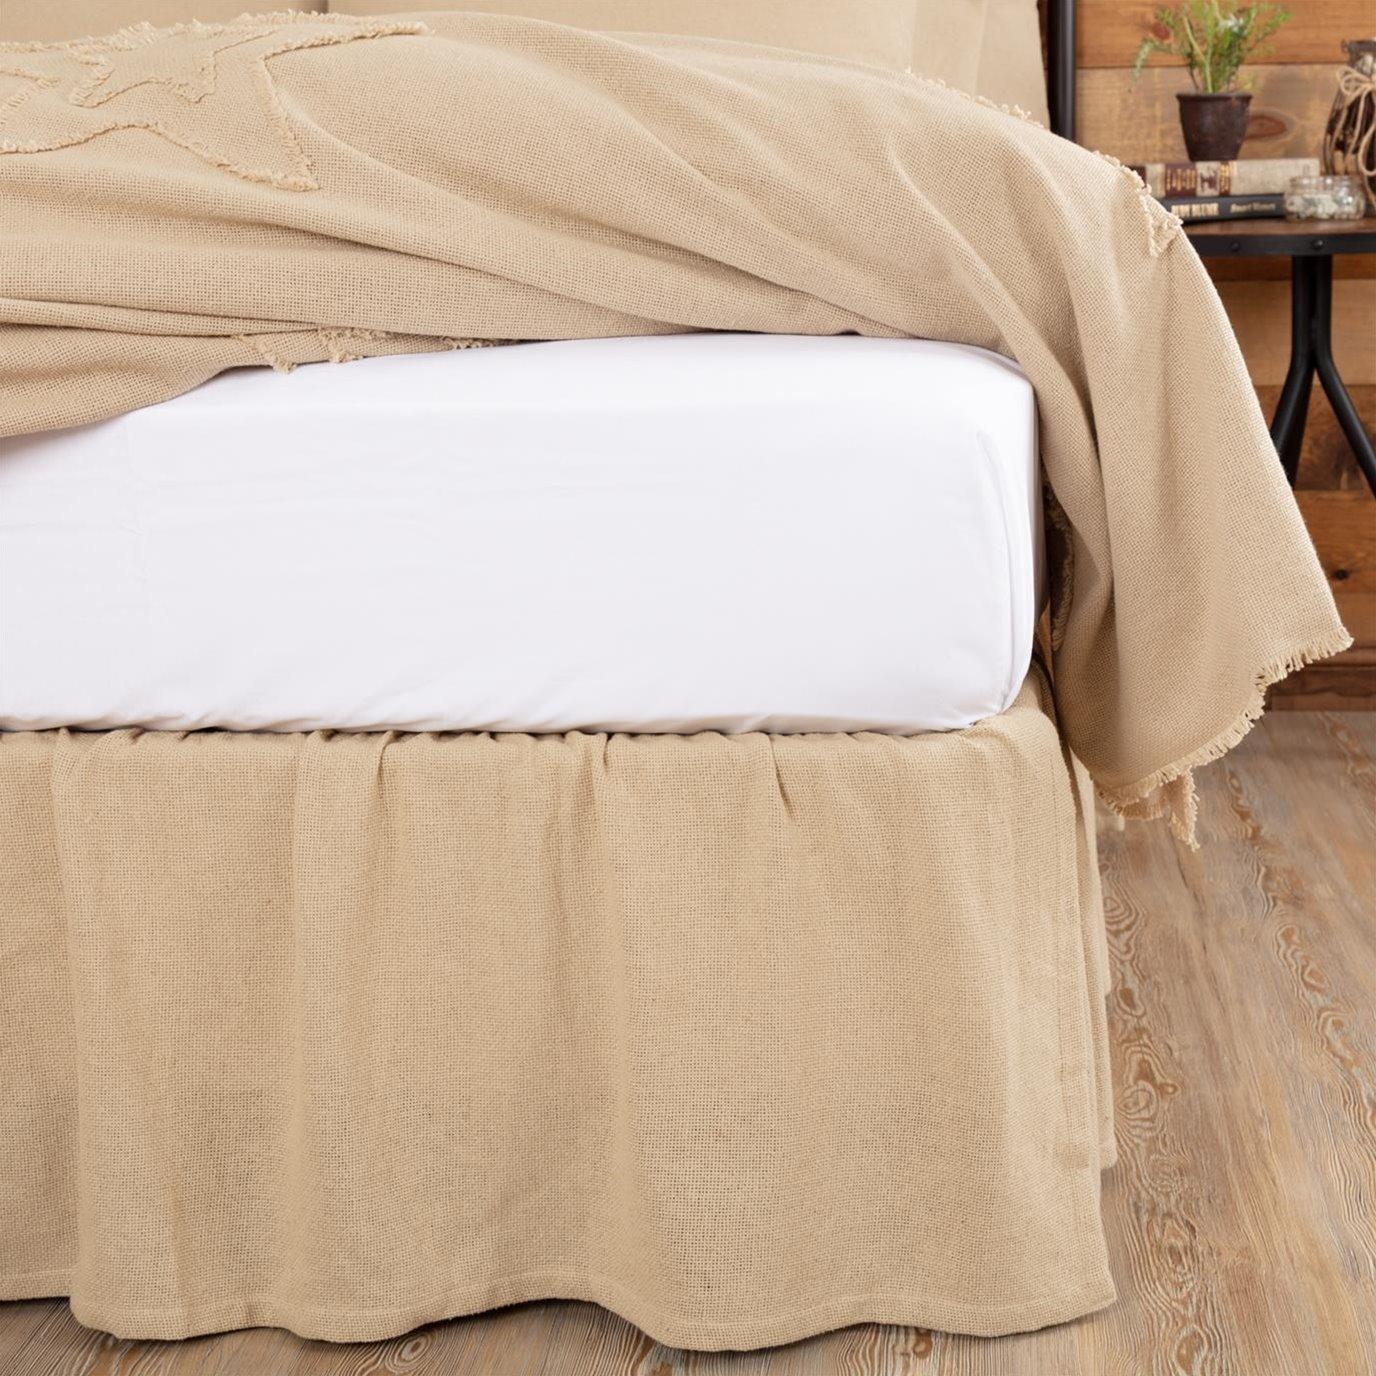 Burlap Vintage Ruffled Queen Bed Skirt 60x80x16